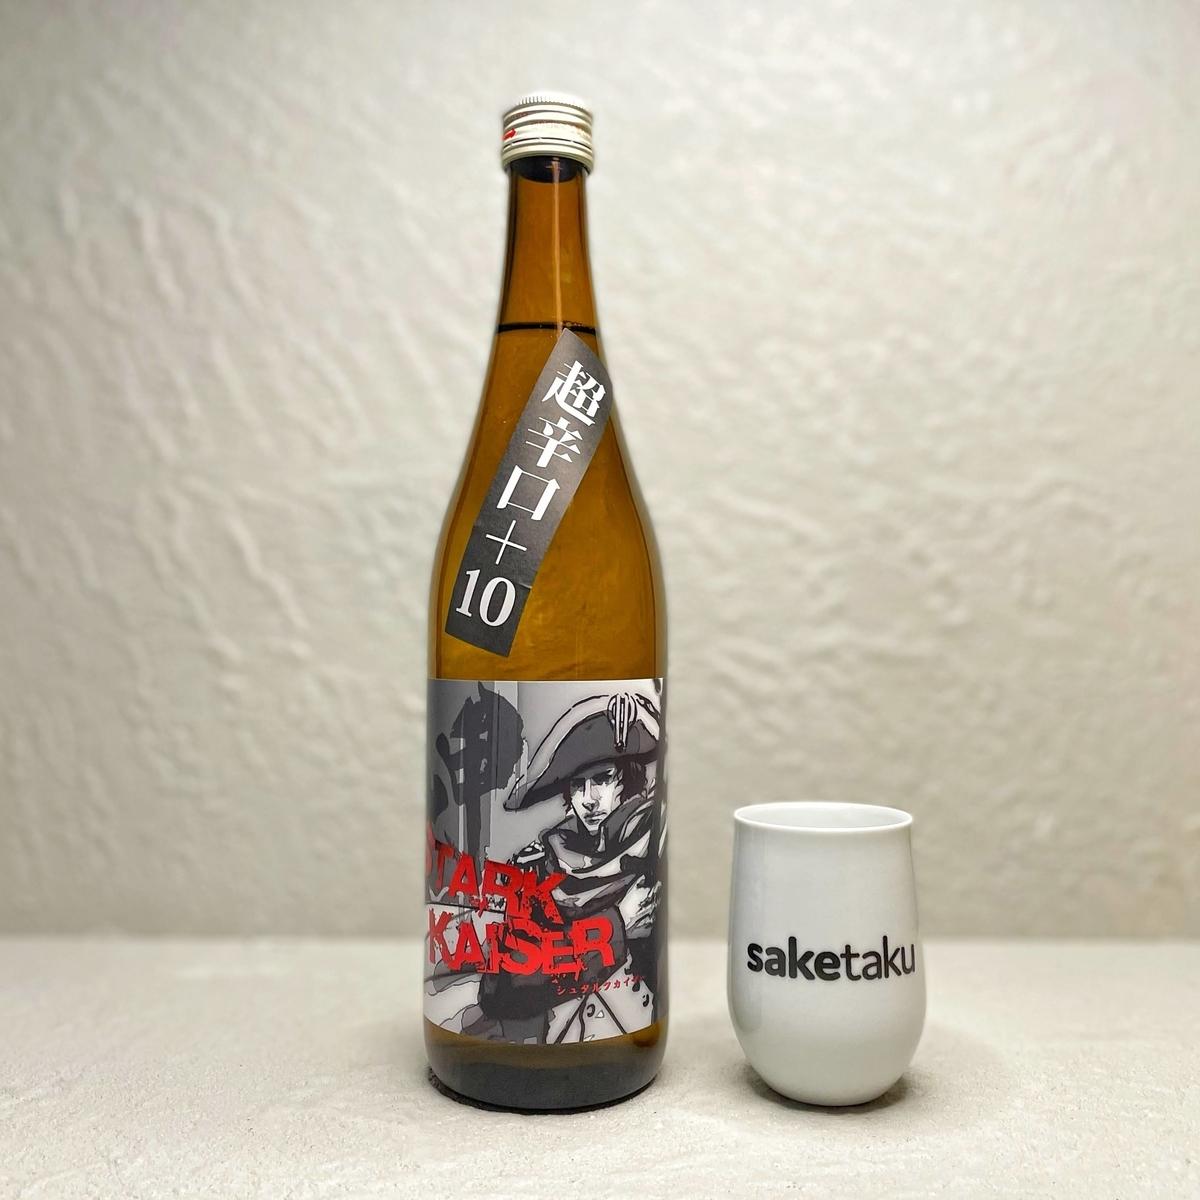 日本酒の辛口とは?スッキリな辛口や味わいについて徹底解説!